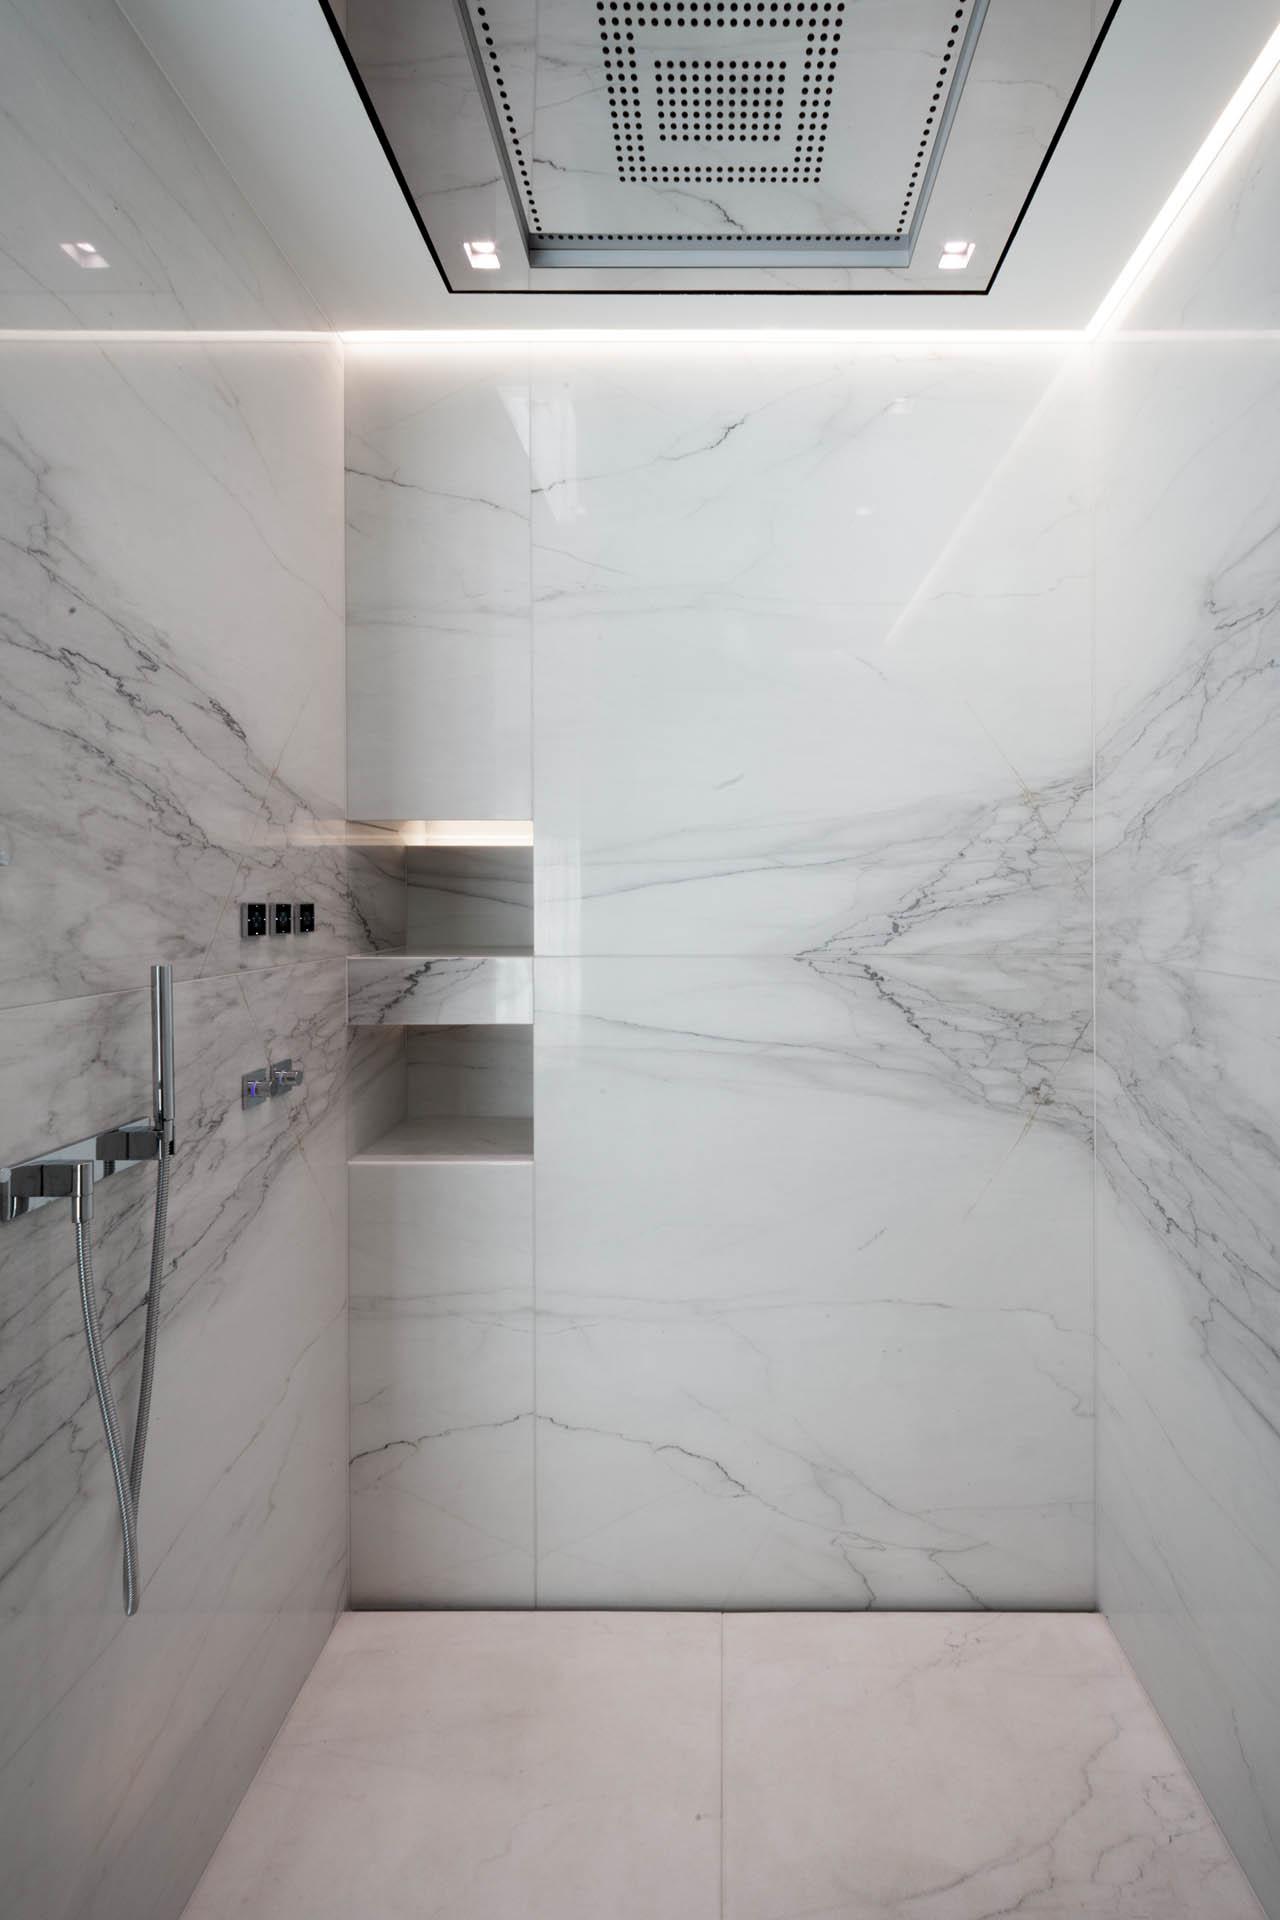 Calacatta Marmor im Strukturschnitt als Duschwandverkleidung in Großformaten mit wenigen Fugen